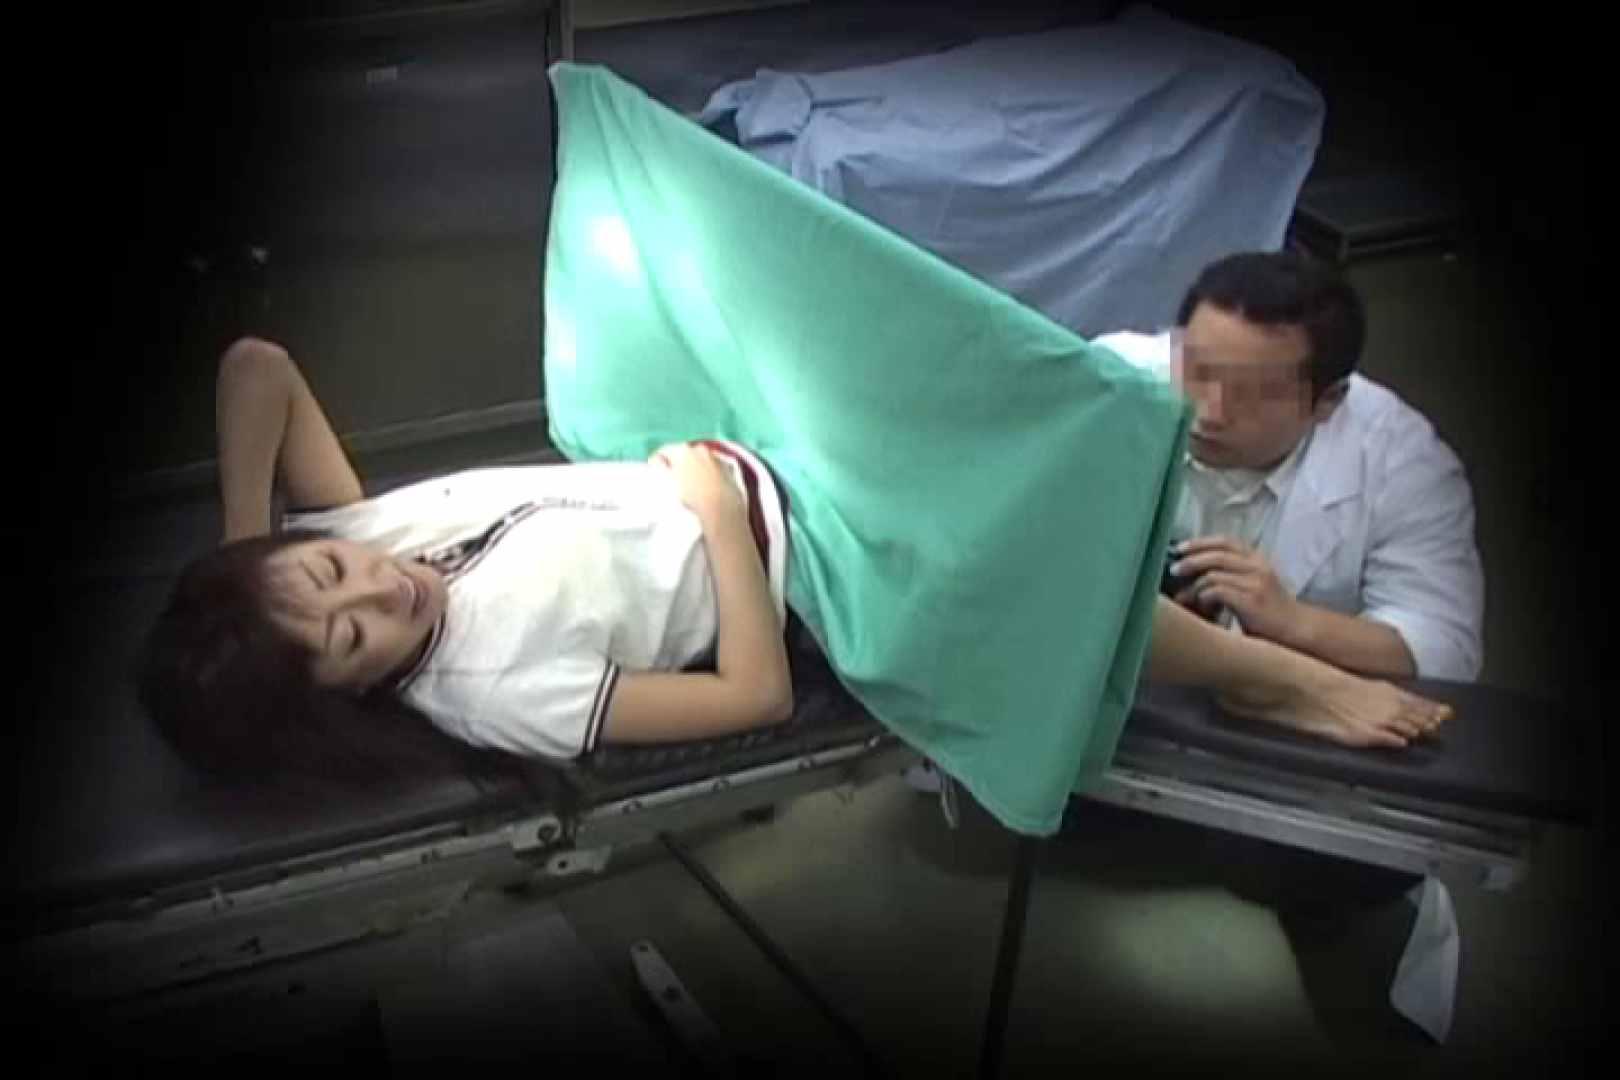 はらませ変態医師!受精完了!!Vol.9 OLエロ画像 | 濃厚セックス  49PICs 35